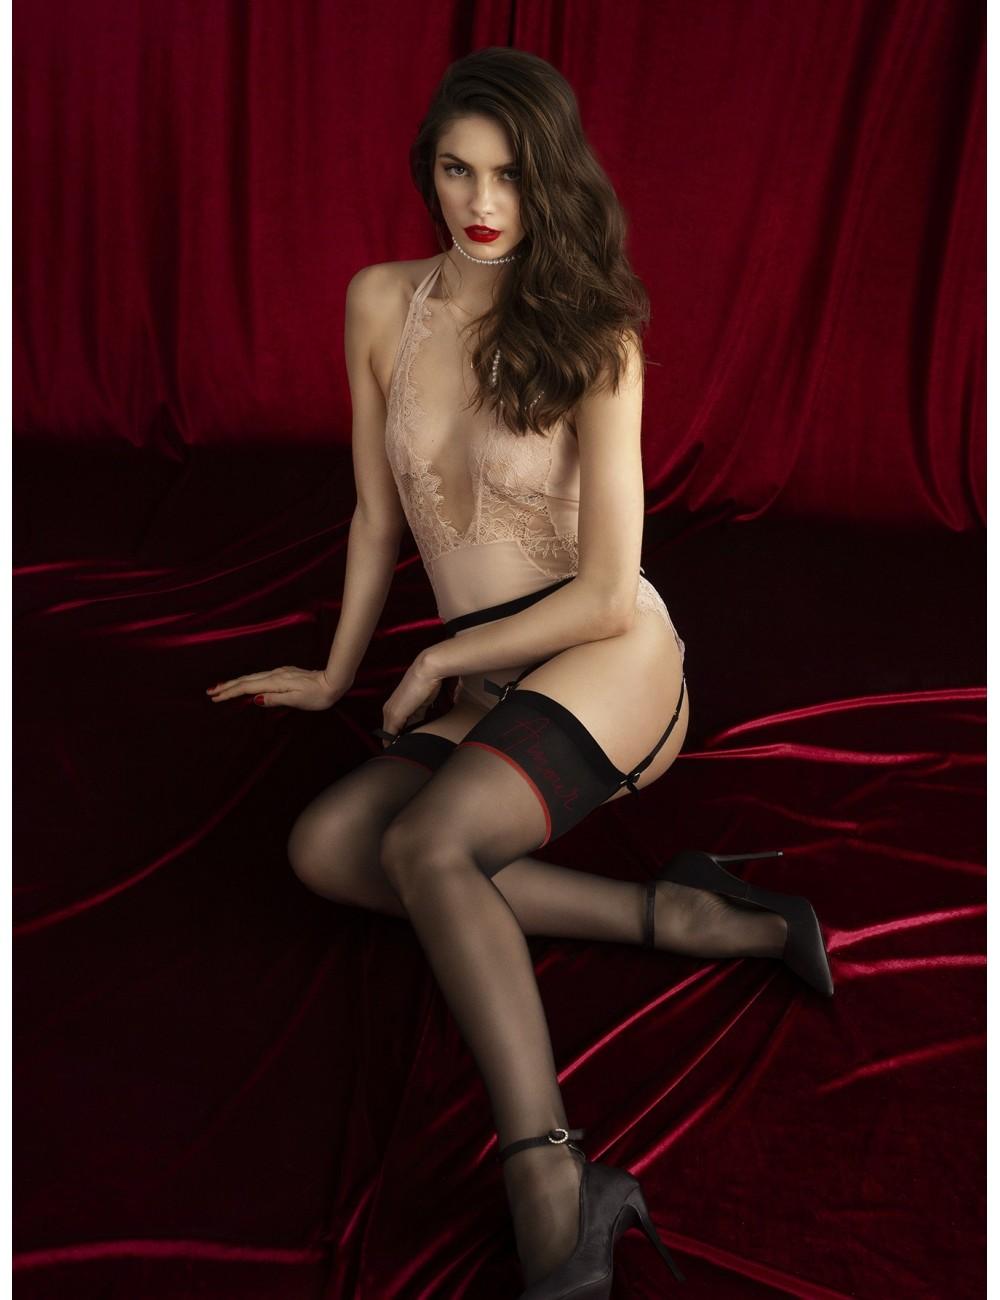 Lingerie - Bas - Bas sexy noire avec fils à double enrobage 20 DEN Qualité premium Amante - Fiore